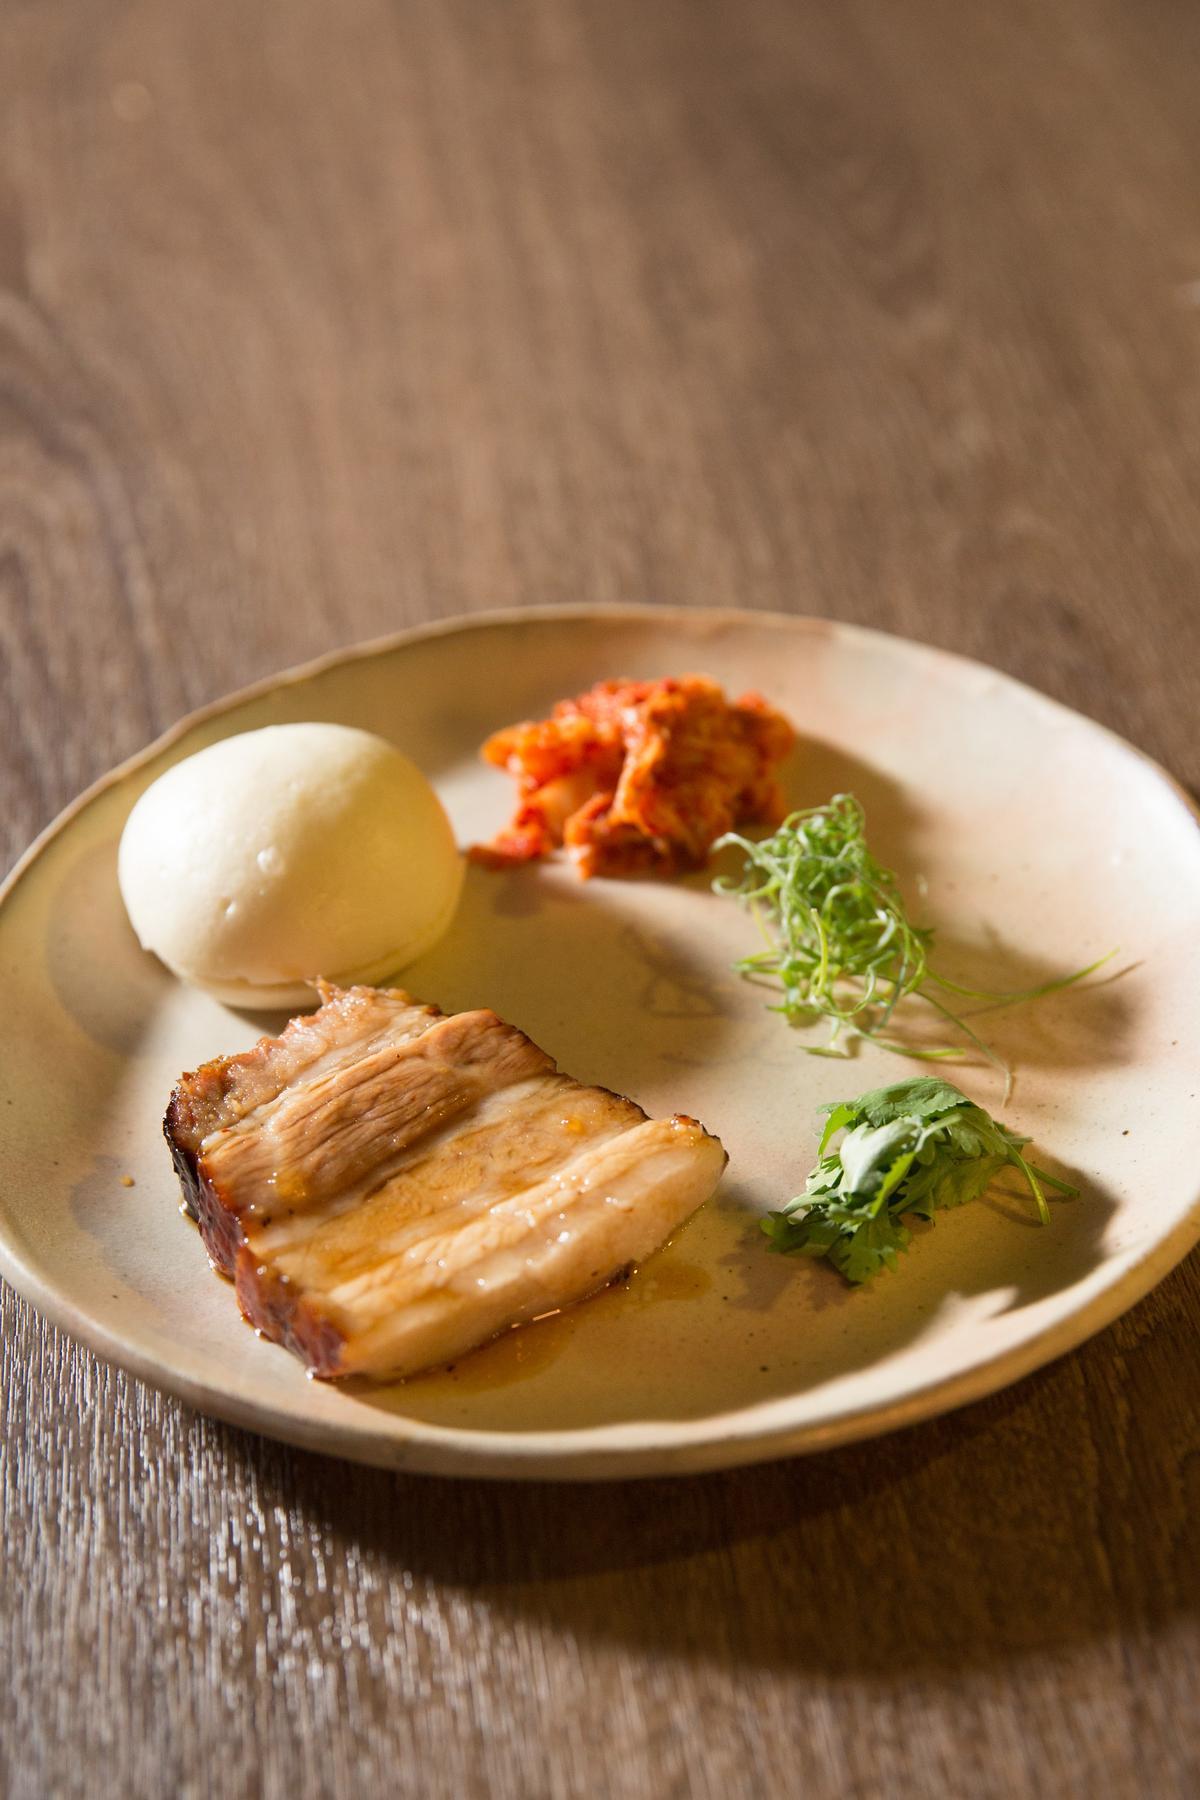 林明健版本的叉燒包綜合了台式刈包、韓式泡菜、港式叉燒的元素。